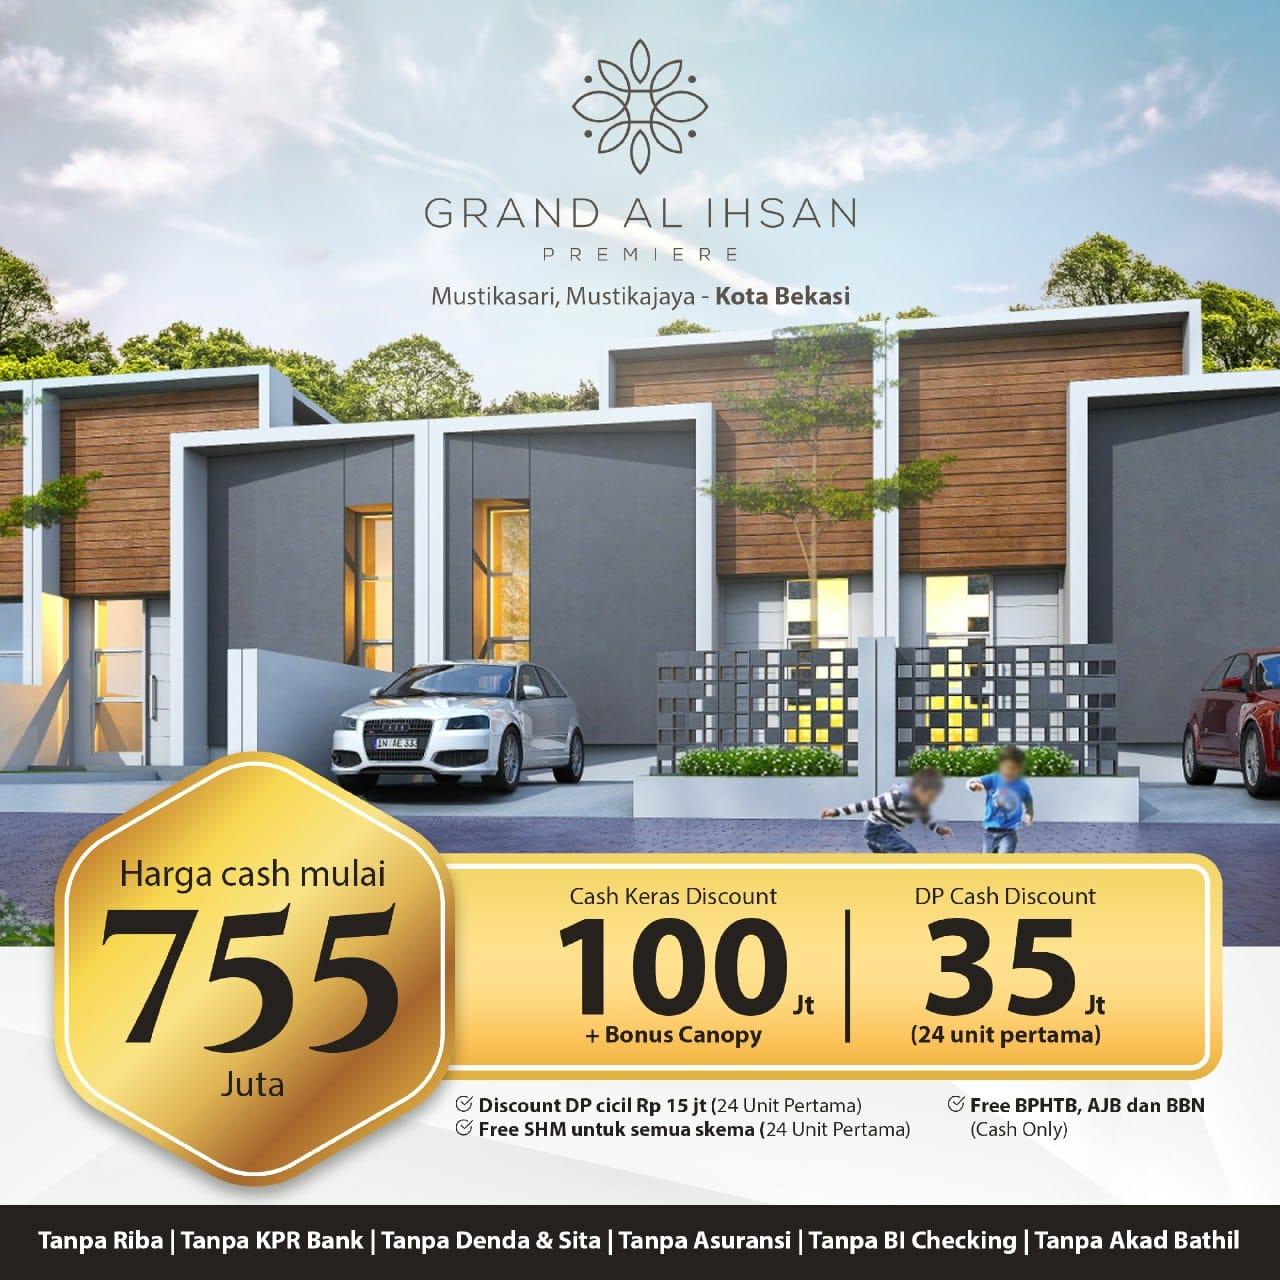 perumahan syariah bekasi kota – perumahan syariah bekasi timur – perumahan syariah mustikasari – promo 1 lantai – grand al ihsan premiere – nprosyar – davpropertysyariah